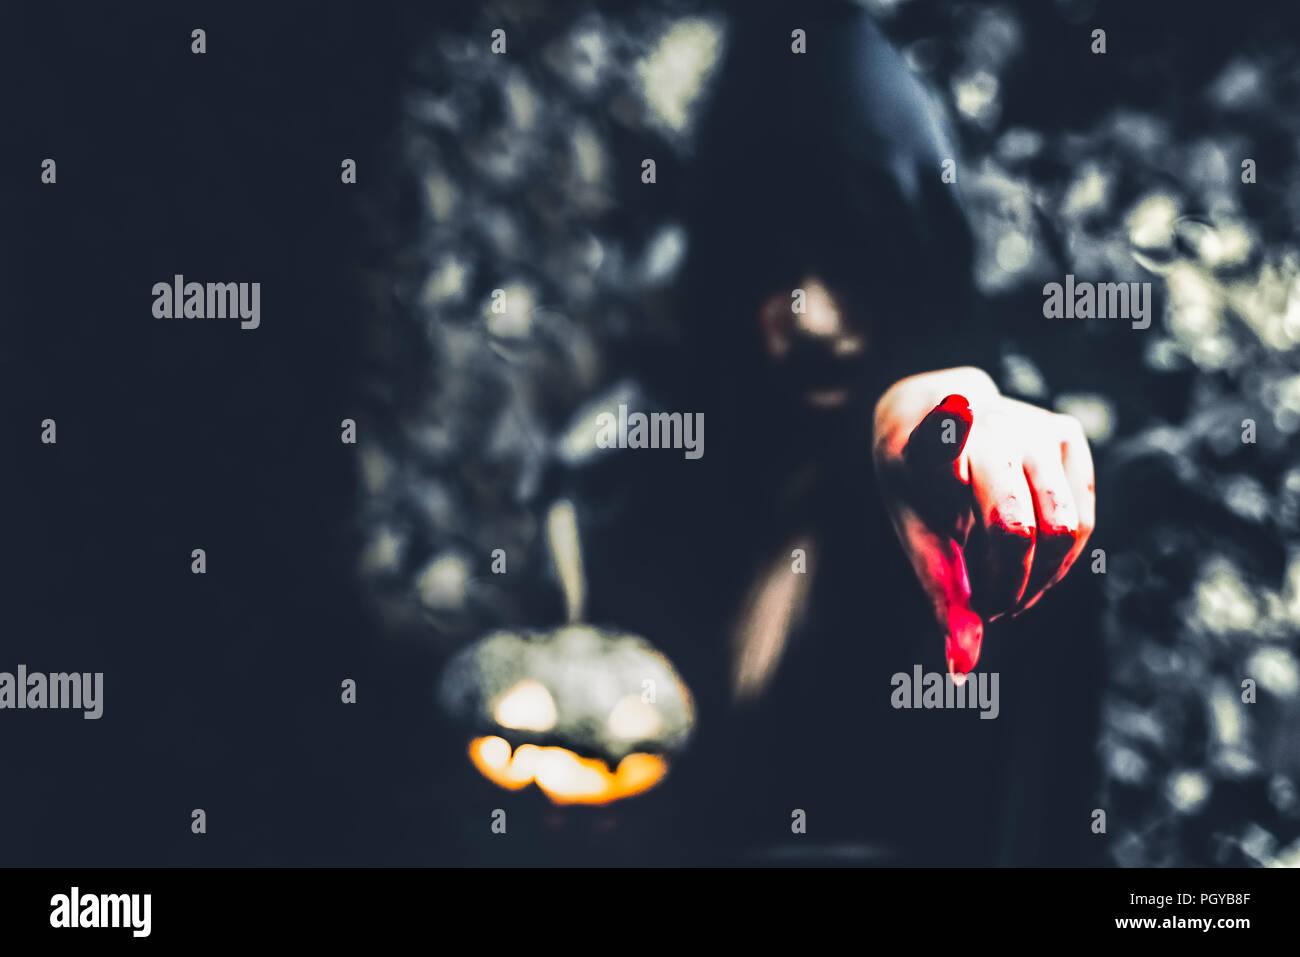 Nahaufnahme des blutigen Assistenten Hand nach vorn. Kürbis Laterne Element. Horror und Ghost Konzept. Halloween und Scary Movie Theme. Geheimnis Fore Stockbild